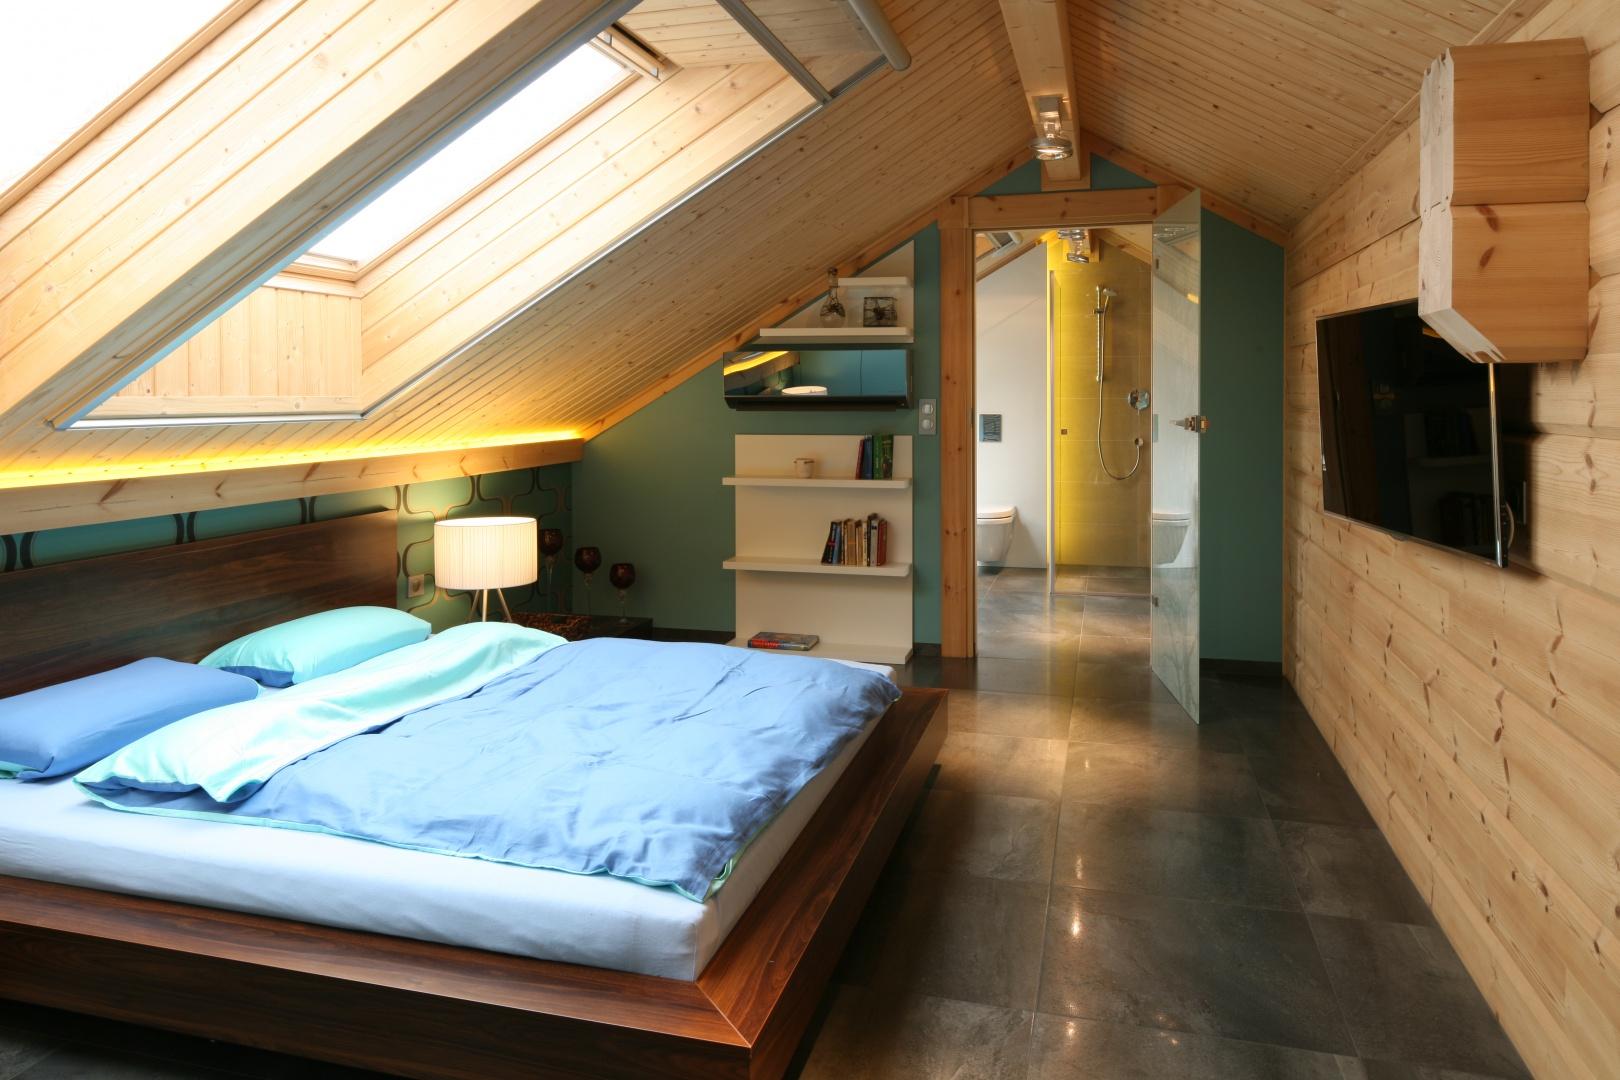 Sypialnia na poddaszu, tak jak cały dom, wykończona jest drewnem, które nadaje temu wnętrzu ciepły klimat. Szare płytki natomiast, rozciągające się także w łazience, kreują nowoczesny styl wnętrza. Projekt: Tomasz Motylewski, Marek Bernatowicz. Fot. Bartosz Jarosz.